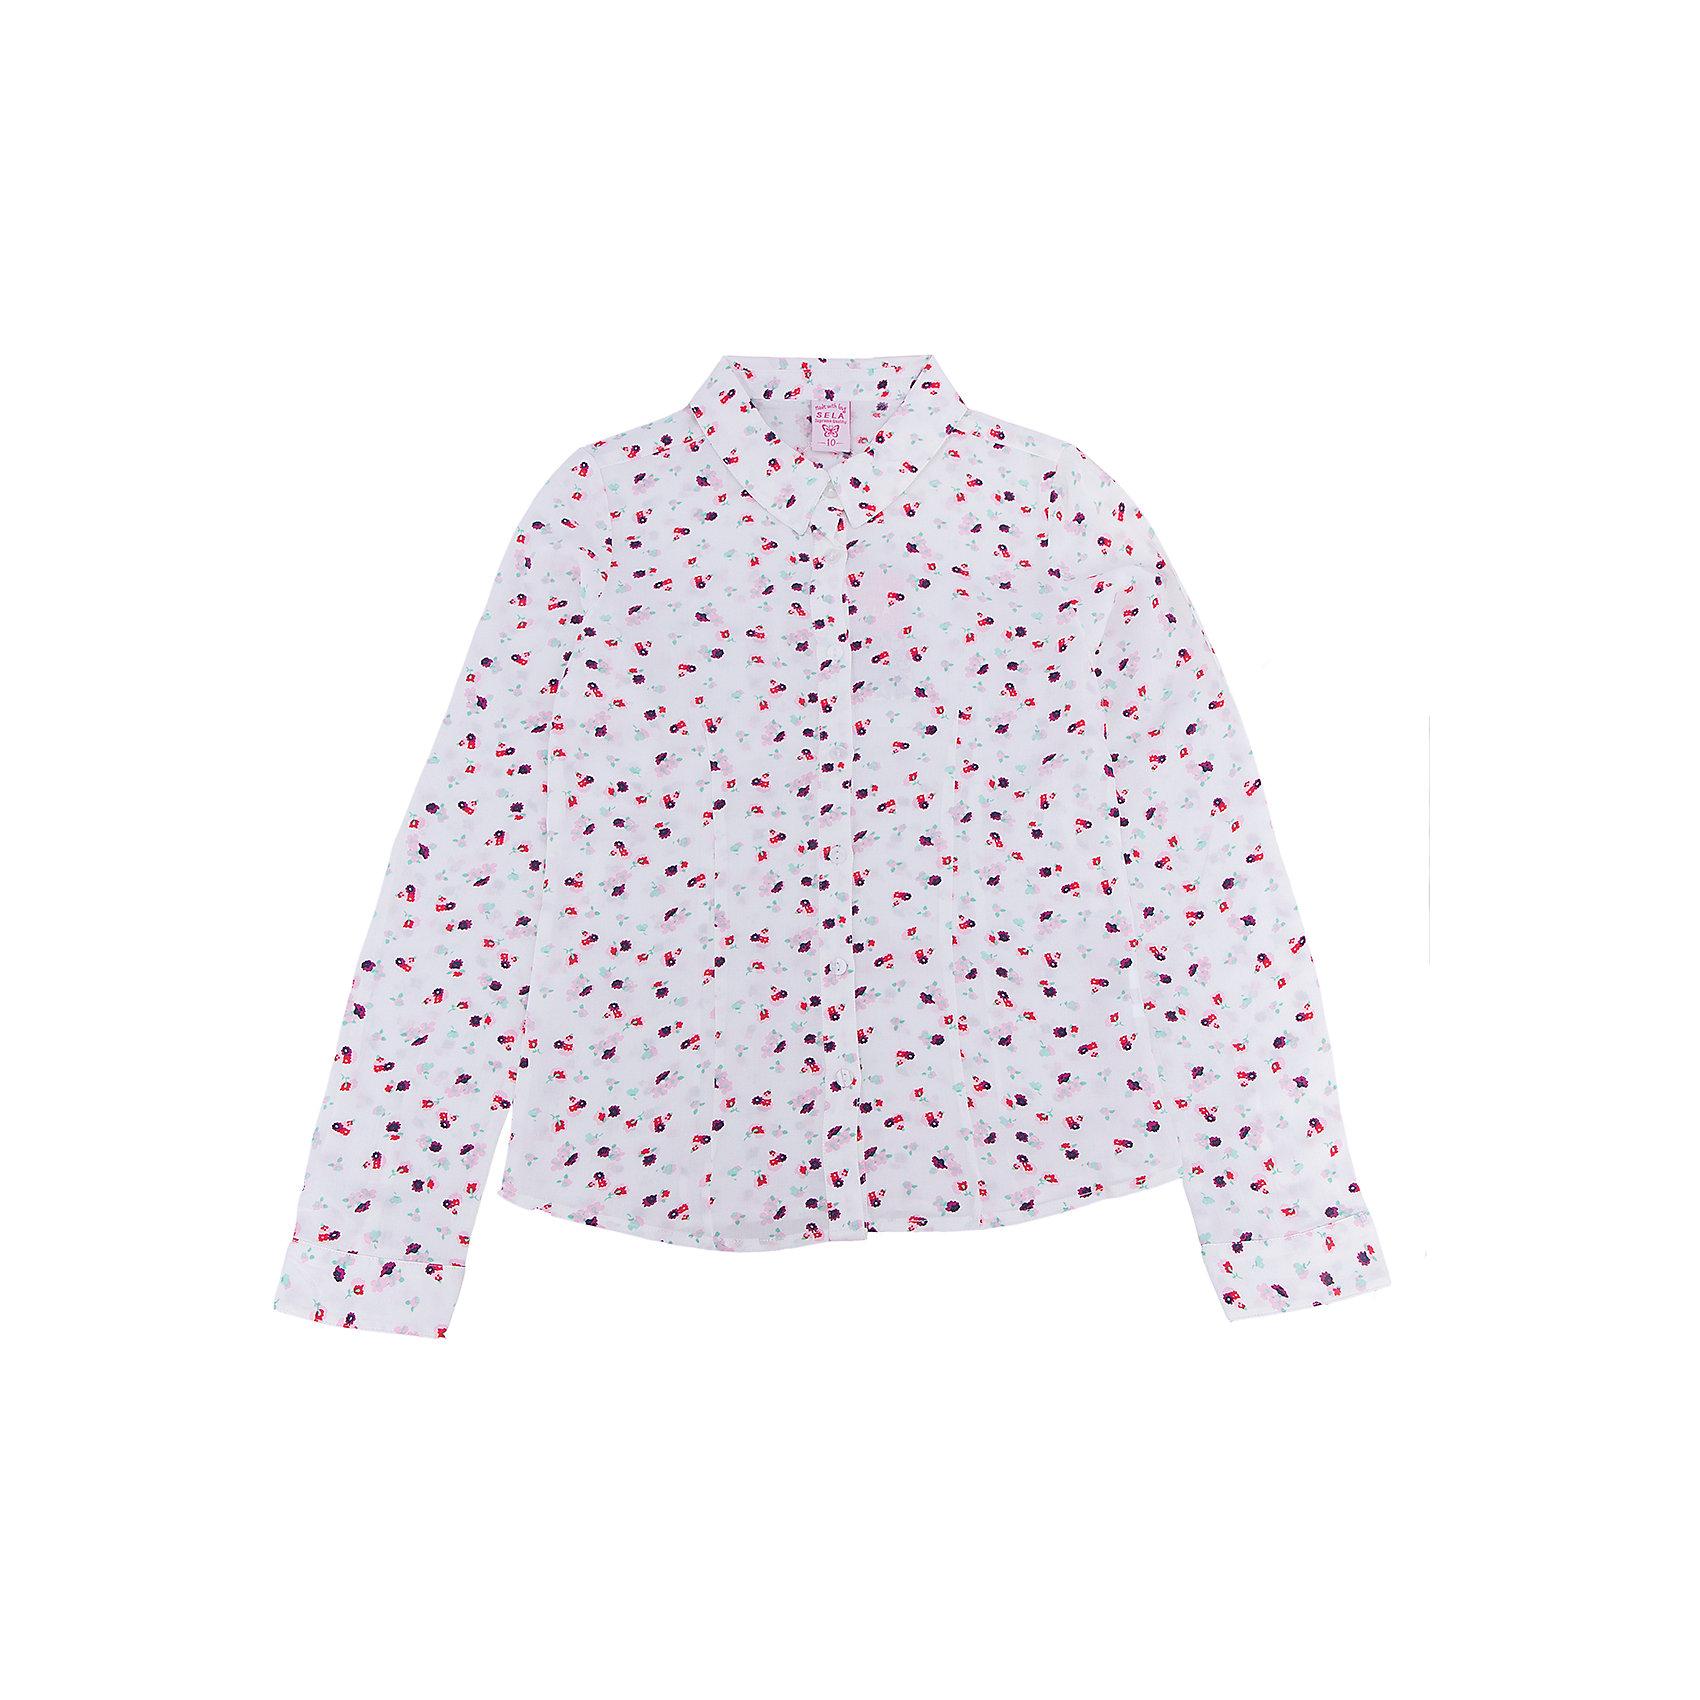 Блуза для девочки SELAБлузки и рубашки<br>Характеристики:<br><br>• Вид детской и подростковой одежды: блузка<br>• Предназначение: повседневная (для школы), праздничная<br>• Сезон: весна-лето<br>• Стиль: романтичный<br>• Тематика рисунка: цветочный<br>• Цвет: белый принт<br>• Материал: вискоза, 100%<br>• Силуэт: полуприталенный<br>• Длина рукава: длинный с манжетом<br>• Воротник: отложной<br>• Застежка: пуговицы на передней планке<br>• Особенности ухода: допускается деликатная стирка без использования красящих и отбеливающих средств, глажение на щадящем режиме<br><br>Блуза для девочки SELA из коллекции детской и подростковой одежды от знаменитого торгового бренда, который производит удобную, комфортную и стильную одежду, предназначенную как для будней, так и для праздников. Блузка для девочки SELA выполнена из 100% вискозы, которая характеризуется повышенными гипоаллергенными свойствами, обладает легким весом, прочностью, не изменяет цвет и форму при длительном использовании и частых стирках. Изделие выполнено в классическом стиле: полуприталенный силуэт, длинный рукав с манжетами и отложной воротничок. Светло-бежевый цвет и мелкий цветочный принт придают изделию романтическую нотку. Блузка для девочки SELA может быть в качестве базовой вещи в гардеробе девочки, прекрасно будет сочетаться с однотонным строгим пиджаком.<br><br>Блузу для девочки SELA можно купить в нашем интернет-магазине.<br><br>Ширина мм: 186<br>Глубина мм: 87<br>Высота мм: 198<br>Вес г: 197<br>Цвет: бежевый<br>Возраст от месяцев: 108<br>Возраст до месяцев: 120<br>Пол: Женский<br>Возраст: Детский<br>Размер: 140,134,128,122,152,146<br>SKU: 5305000